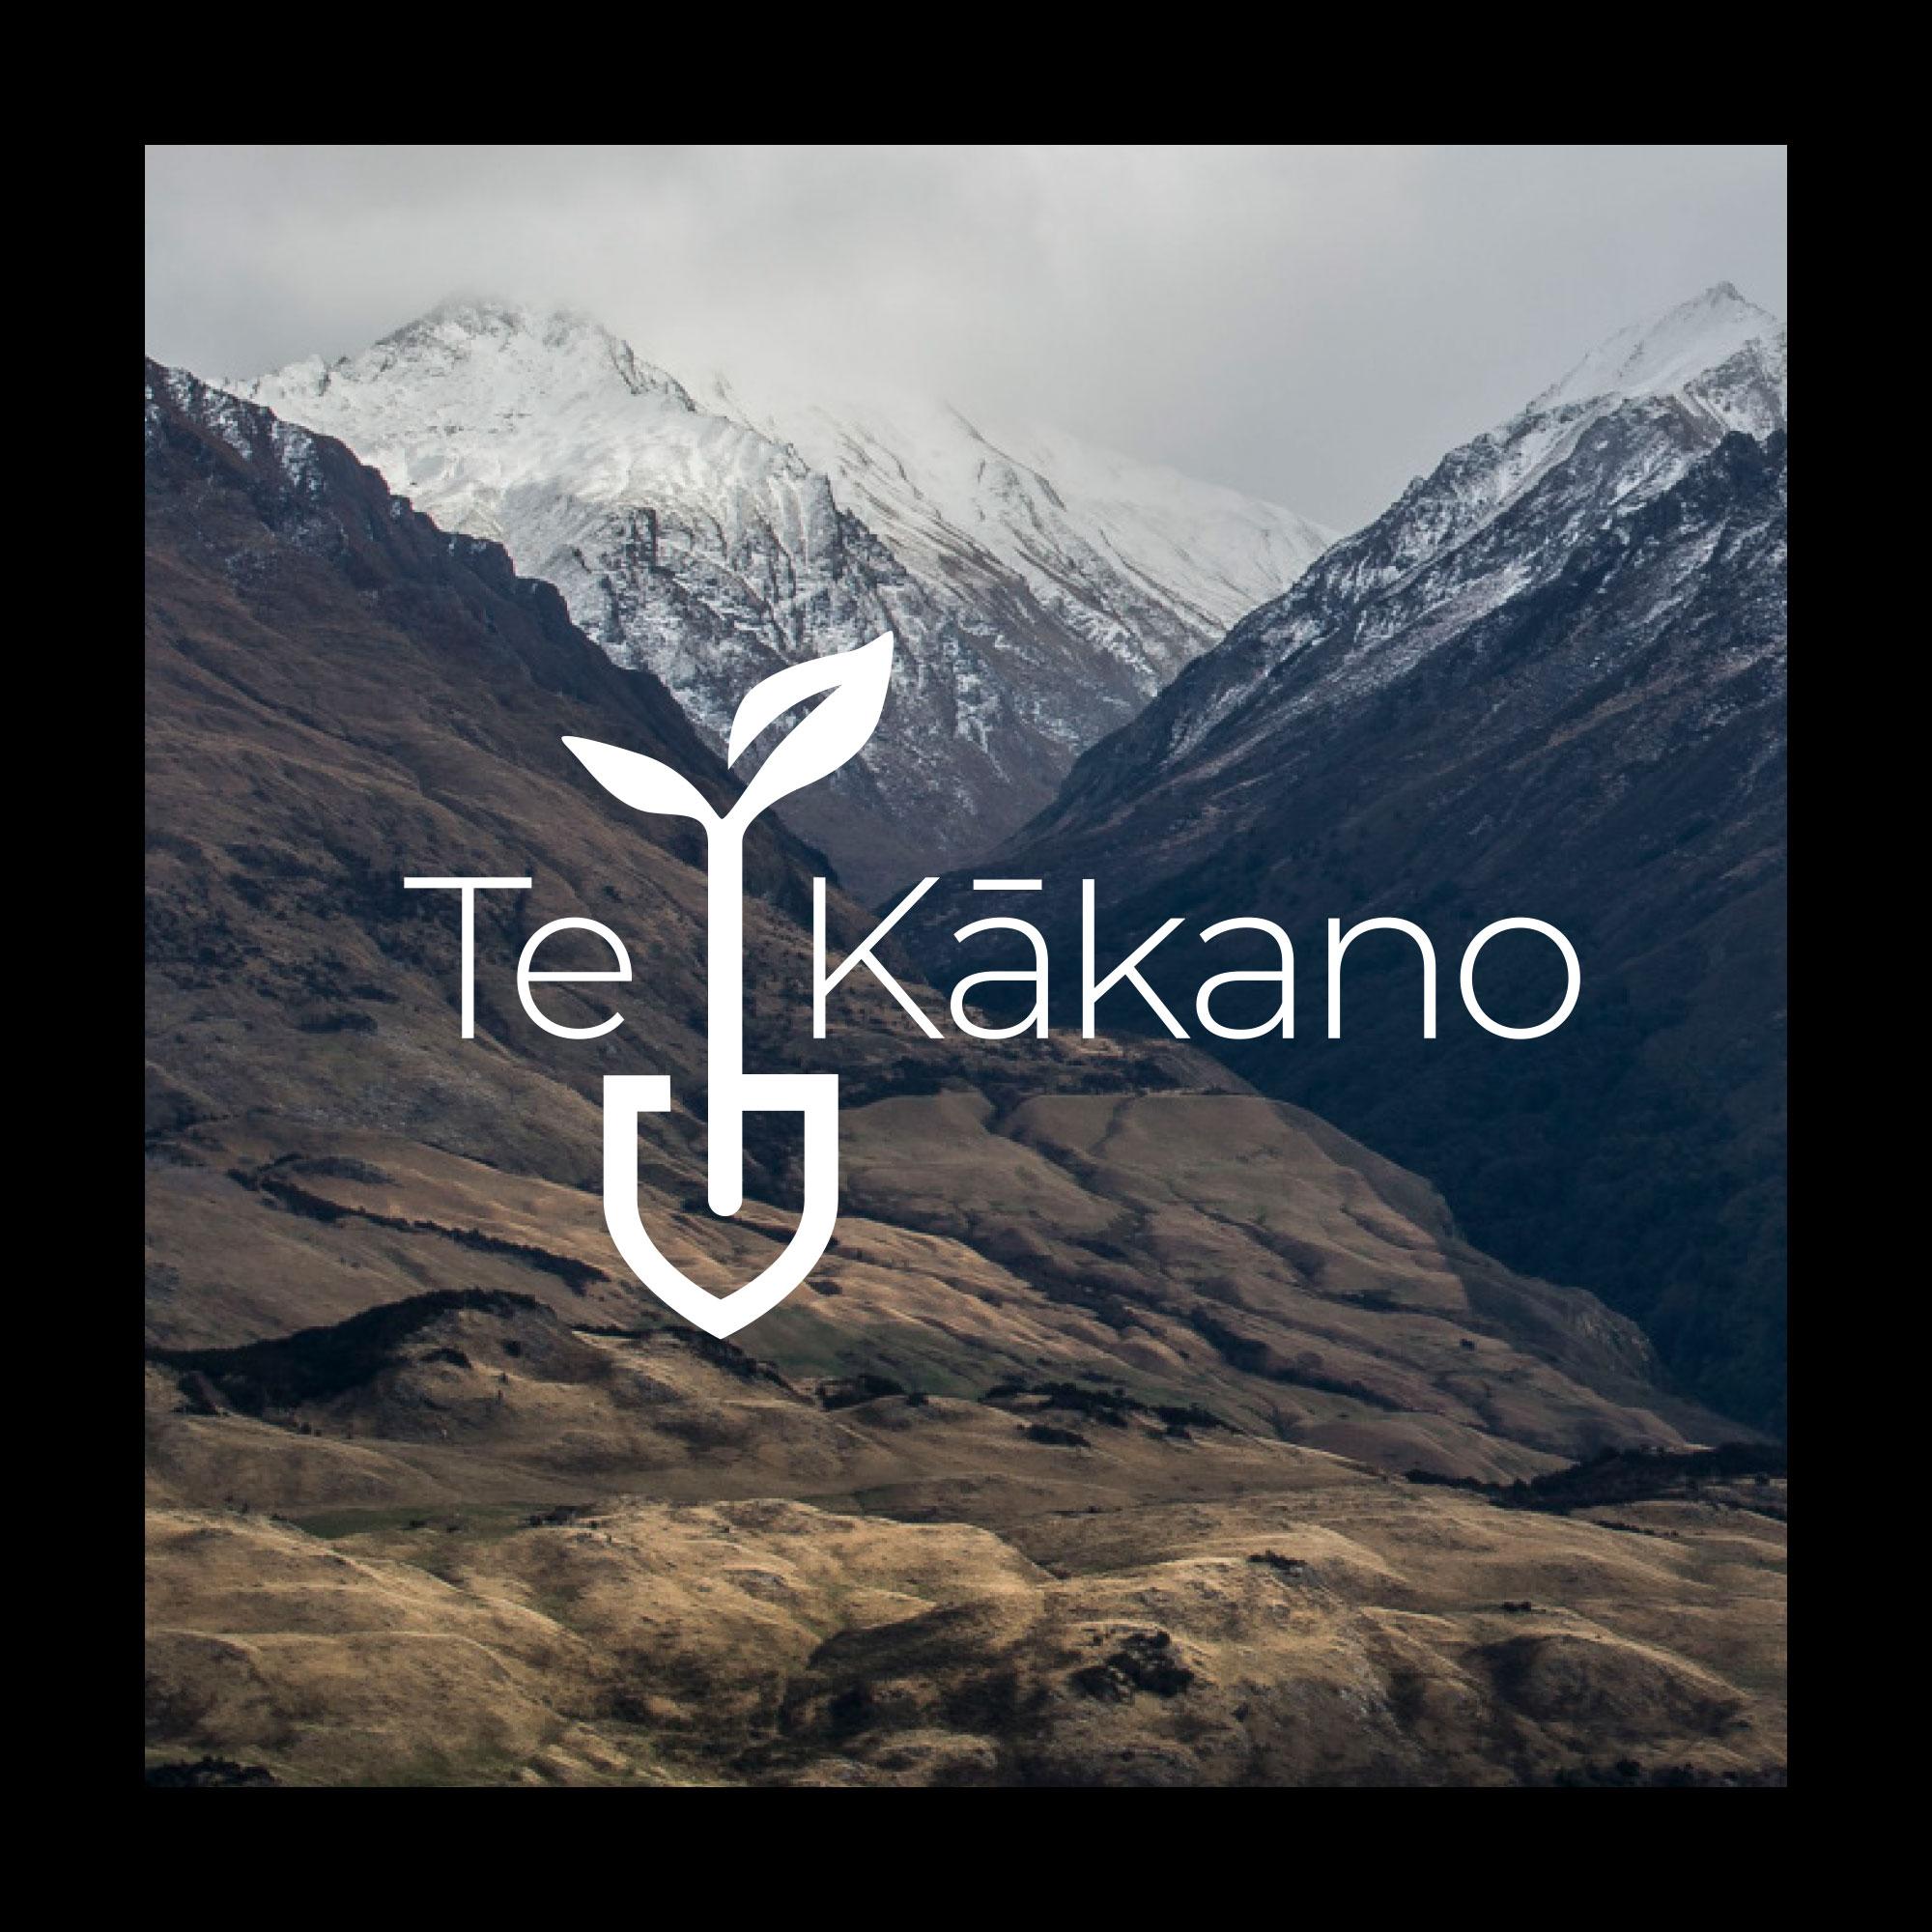 Te Kakano brand design